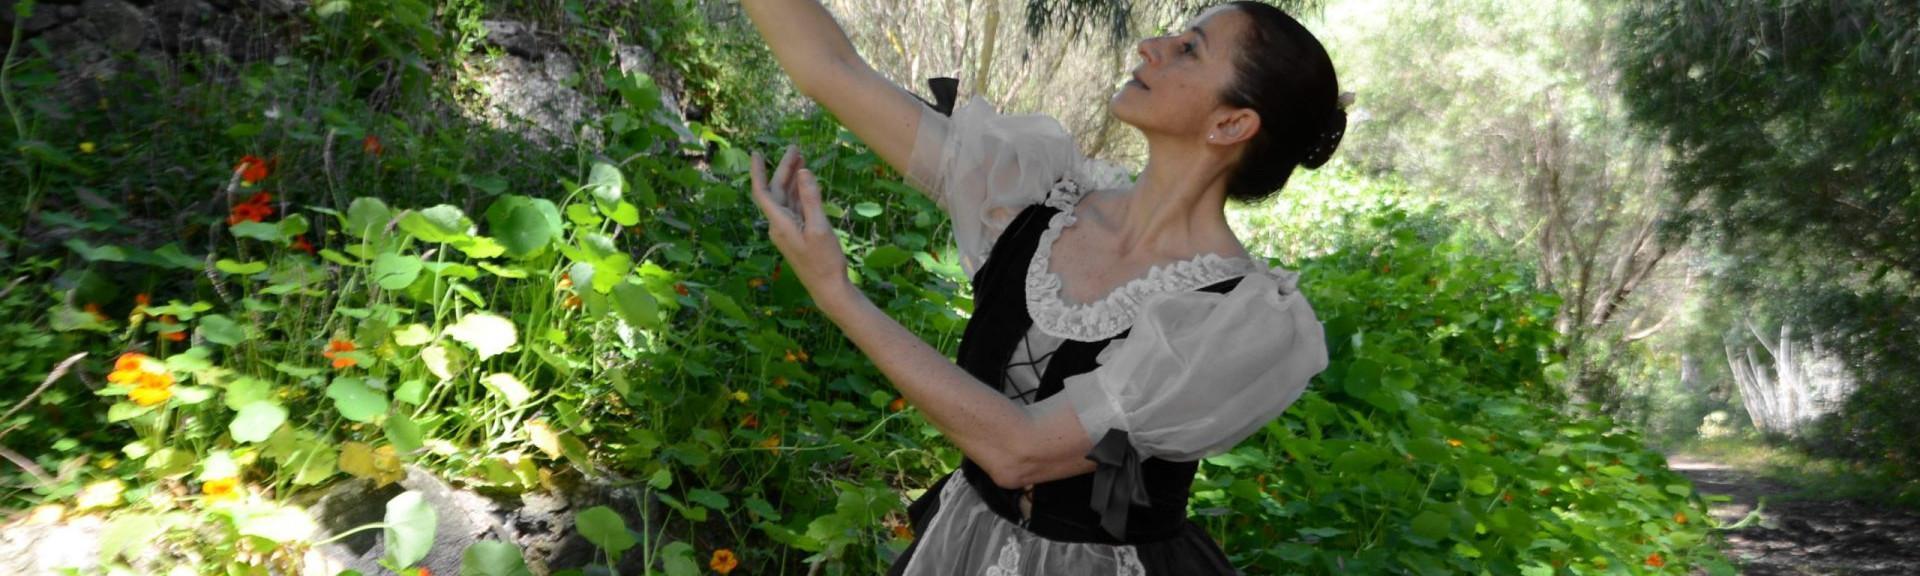 Sandra Santa Cruz baila elevando una flor en la mano en pleno campo rodeada de flores para explicar que los valores son una parte importante de la filosofía